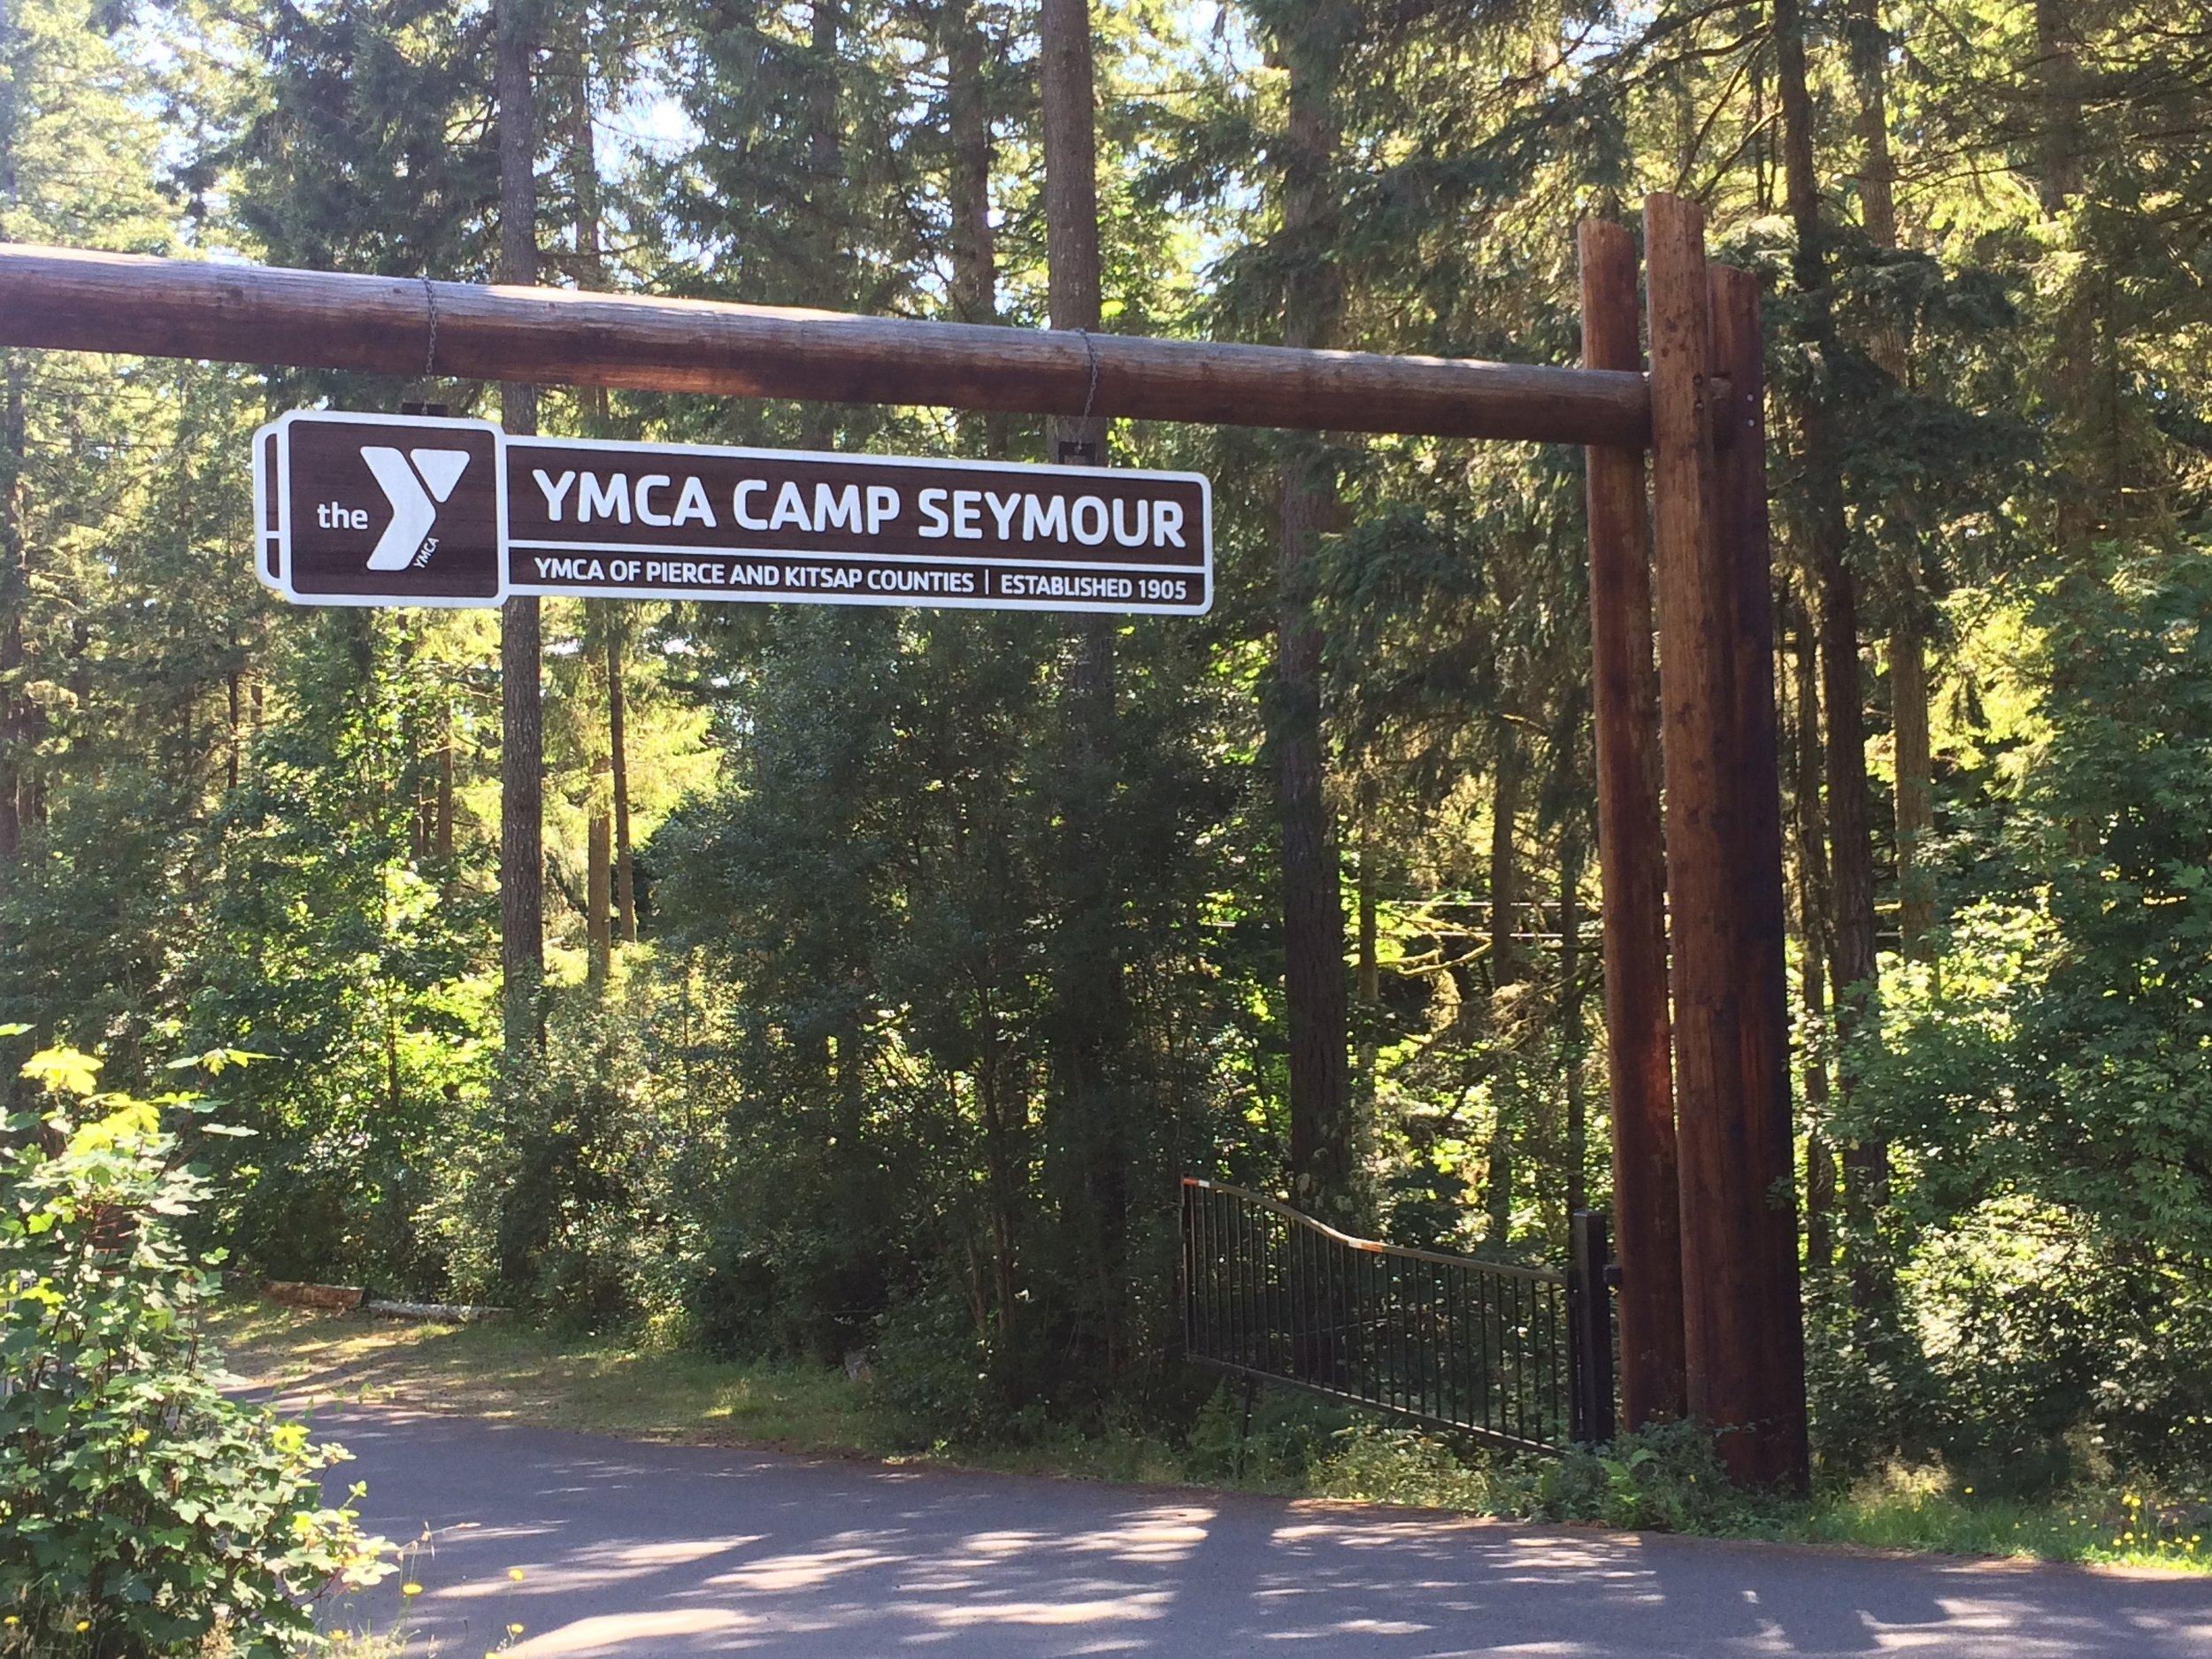 Camp Seymour